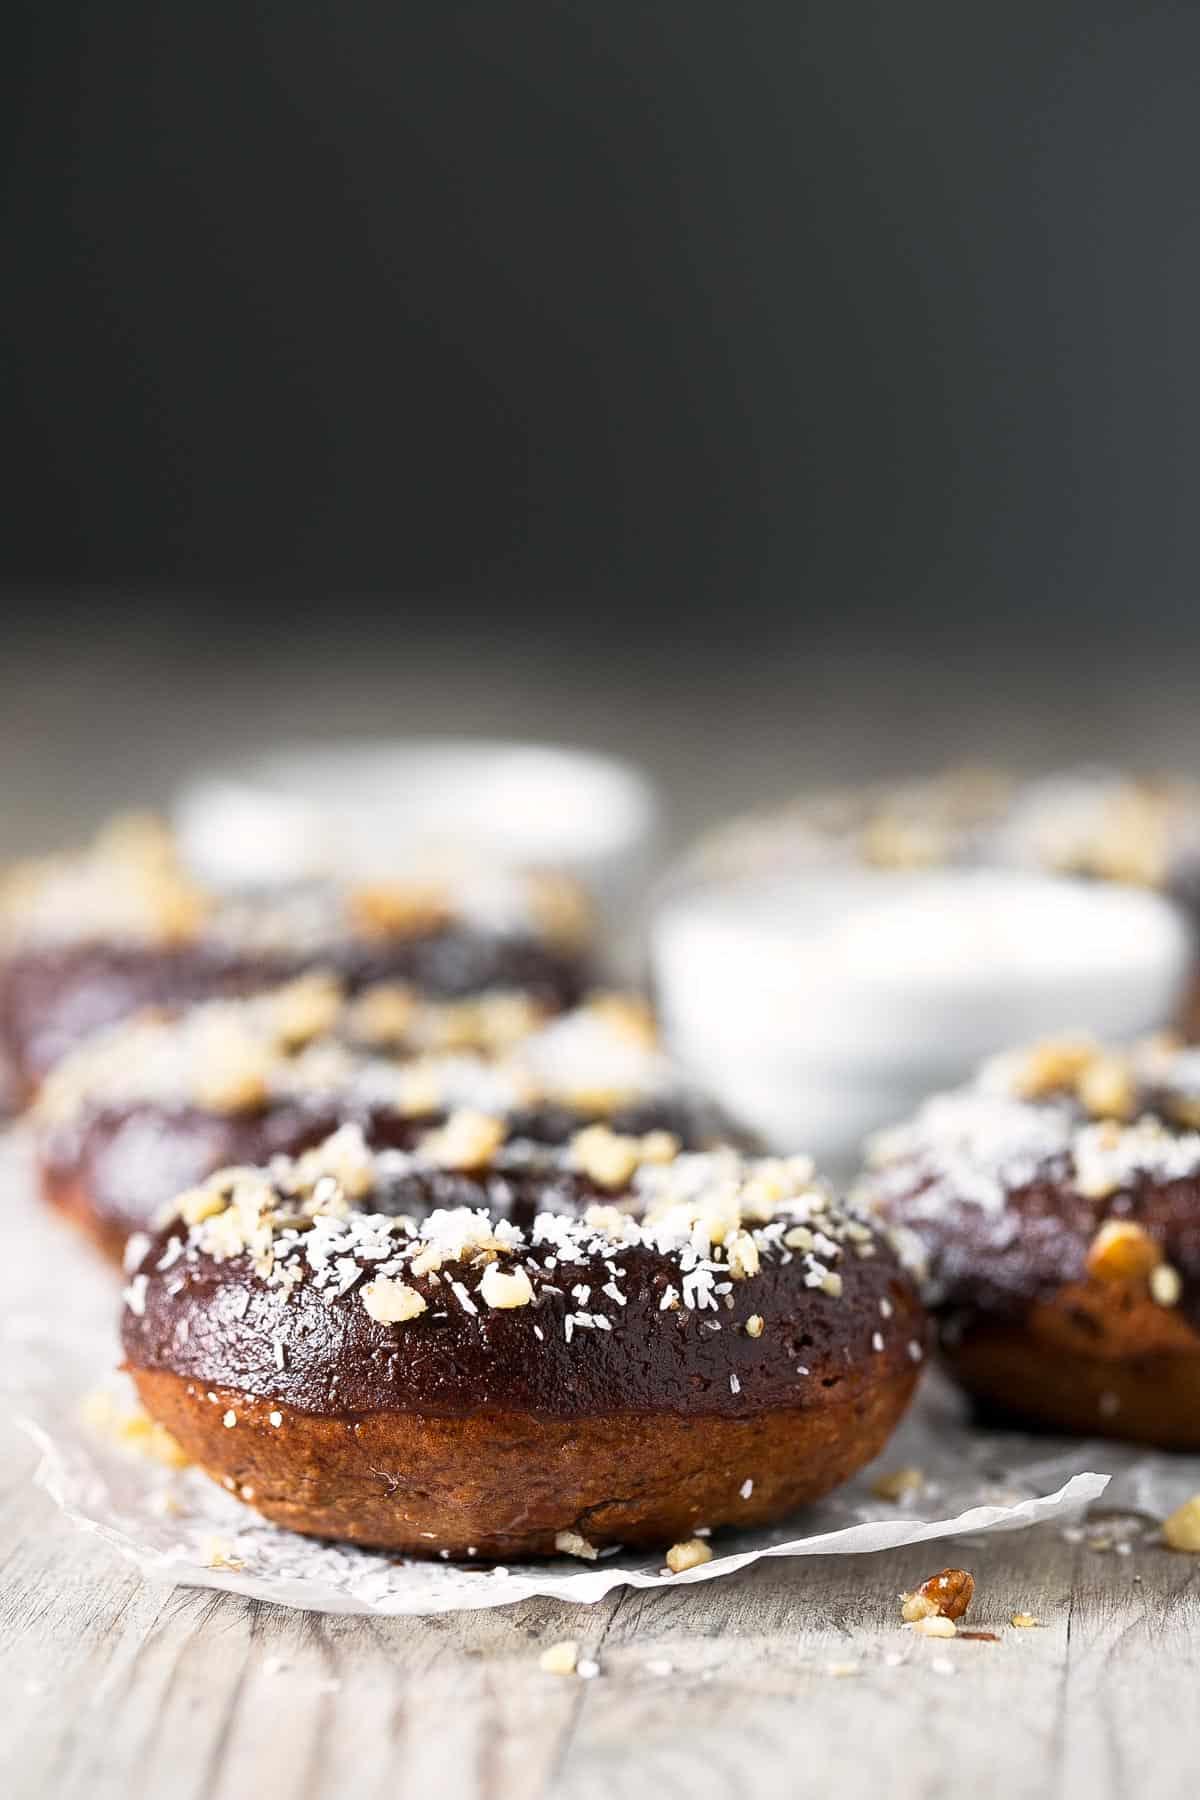 Donuts Veganos Saludables.- Estos donuts veganos saludables son bajos en grasa y perfectos para el día a día. La receta es increíblemente sencilla y el resultado espectacular.